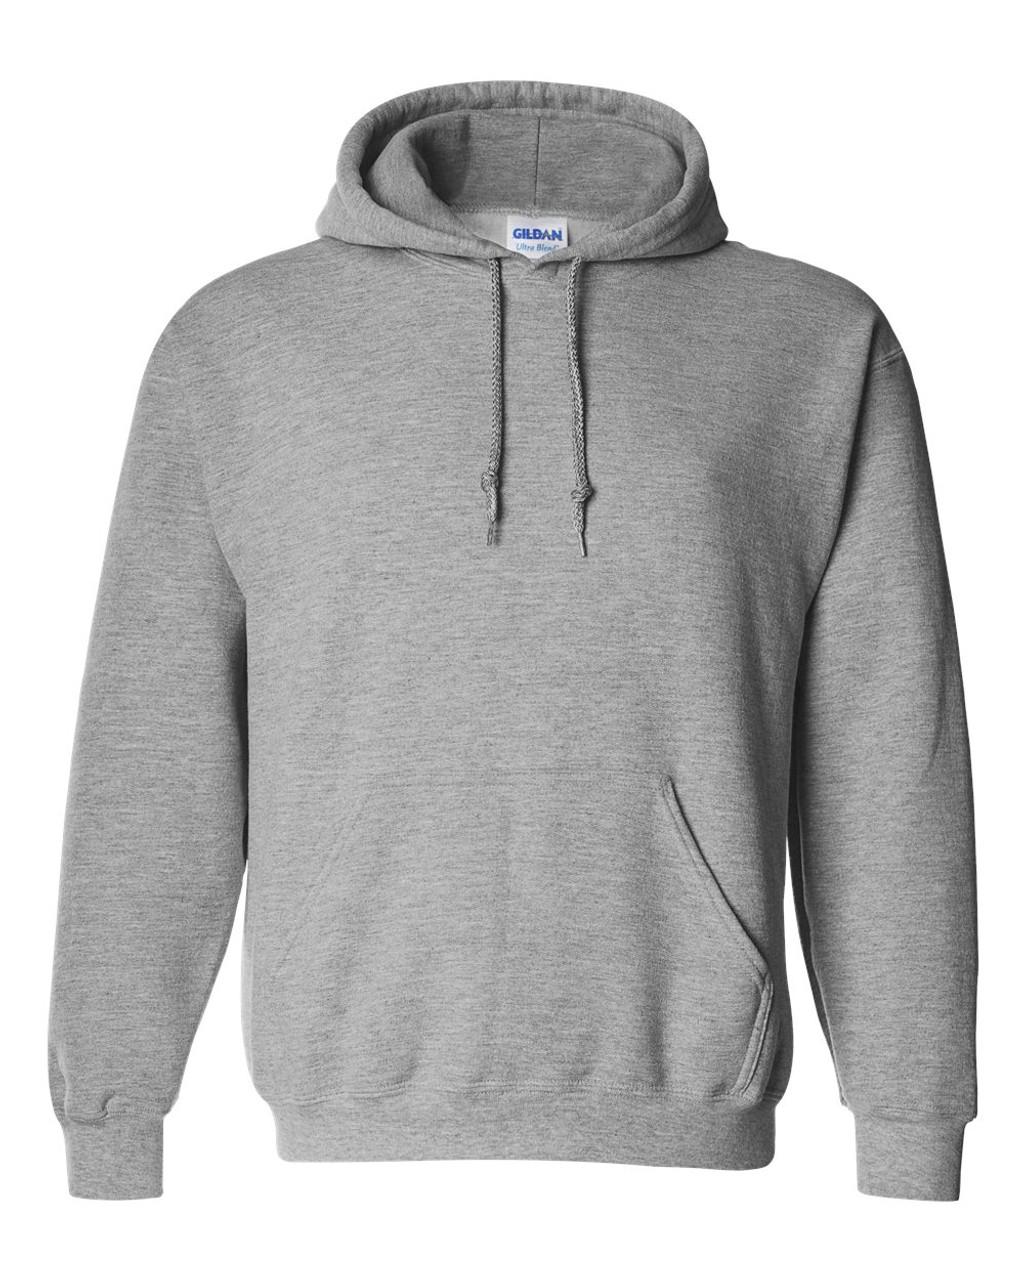 12500 Gildan Hooded Sweatshirt | T-shirt.ca